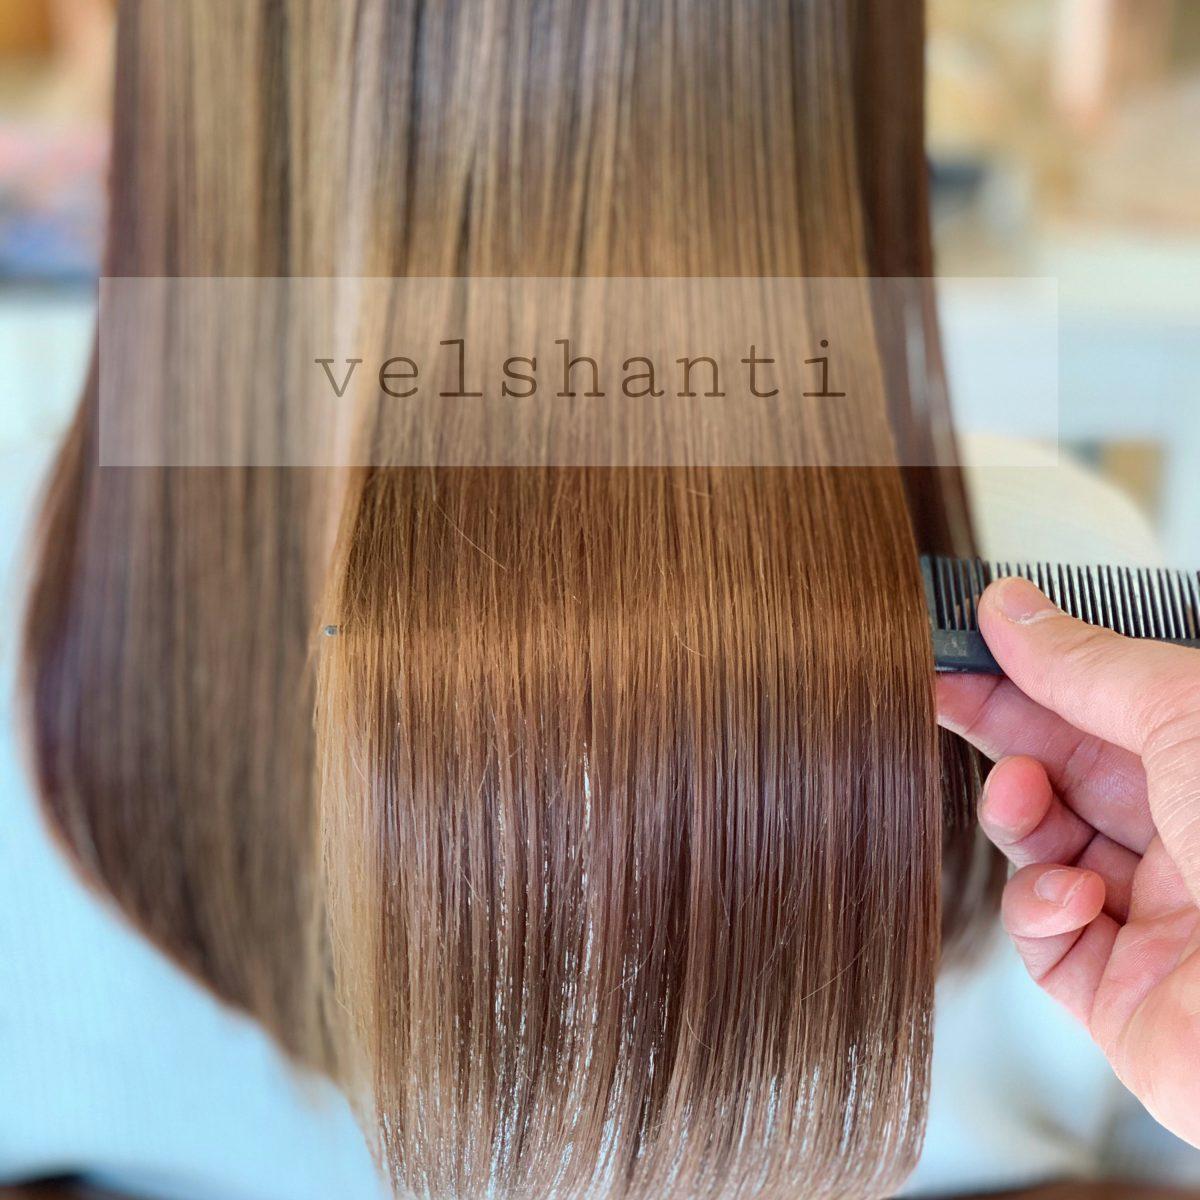 新髪質改善、velshanti(ヴェルシャンティ)って??